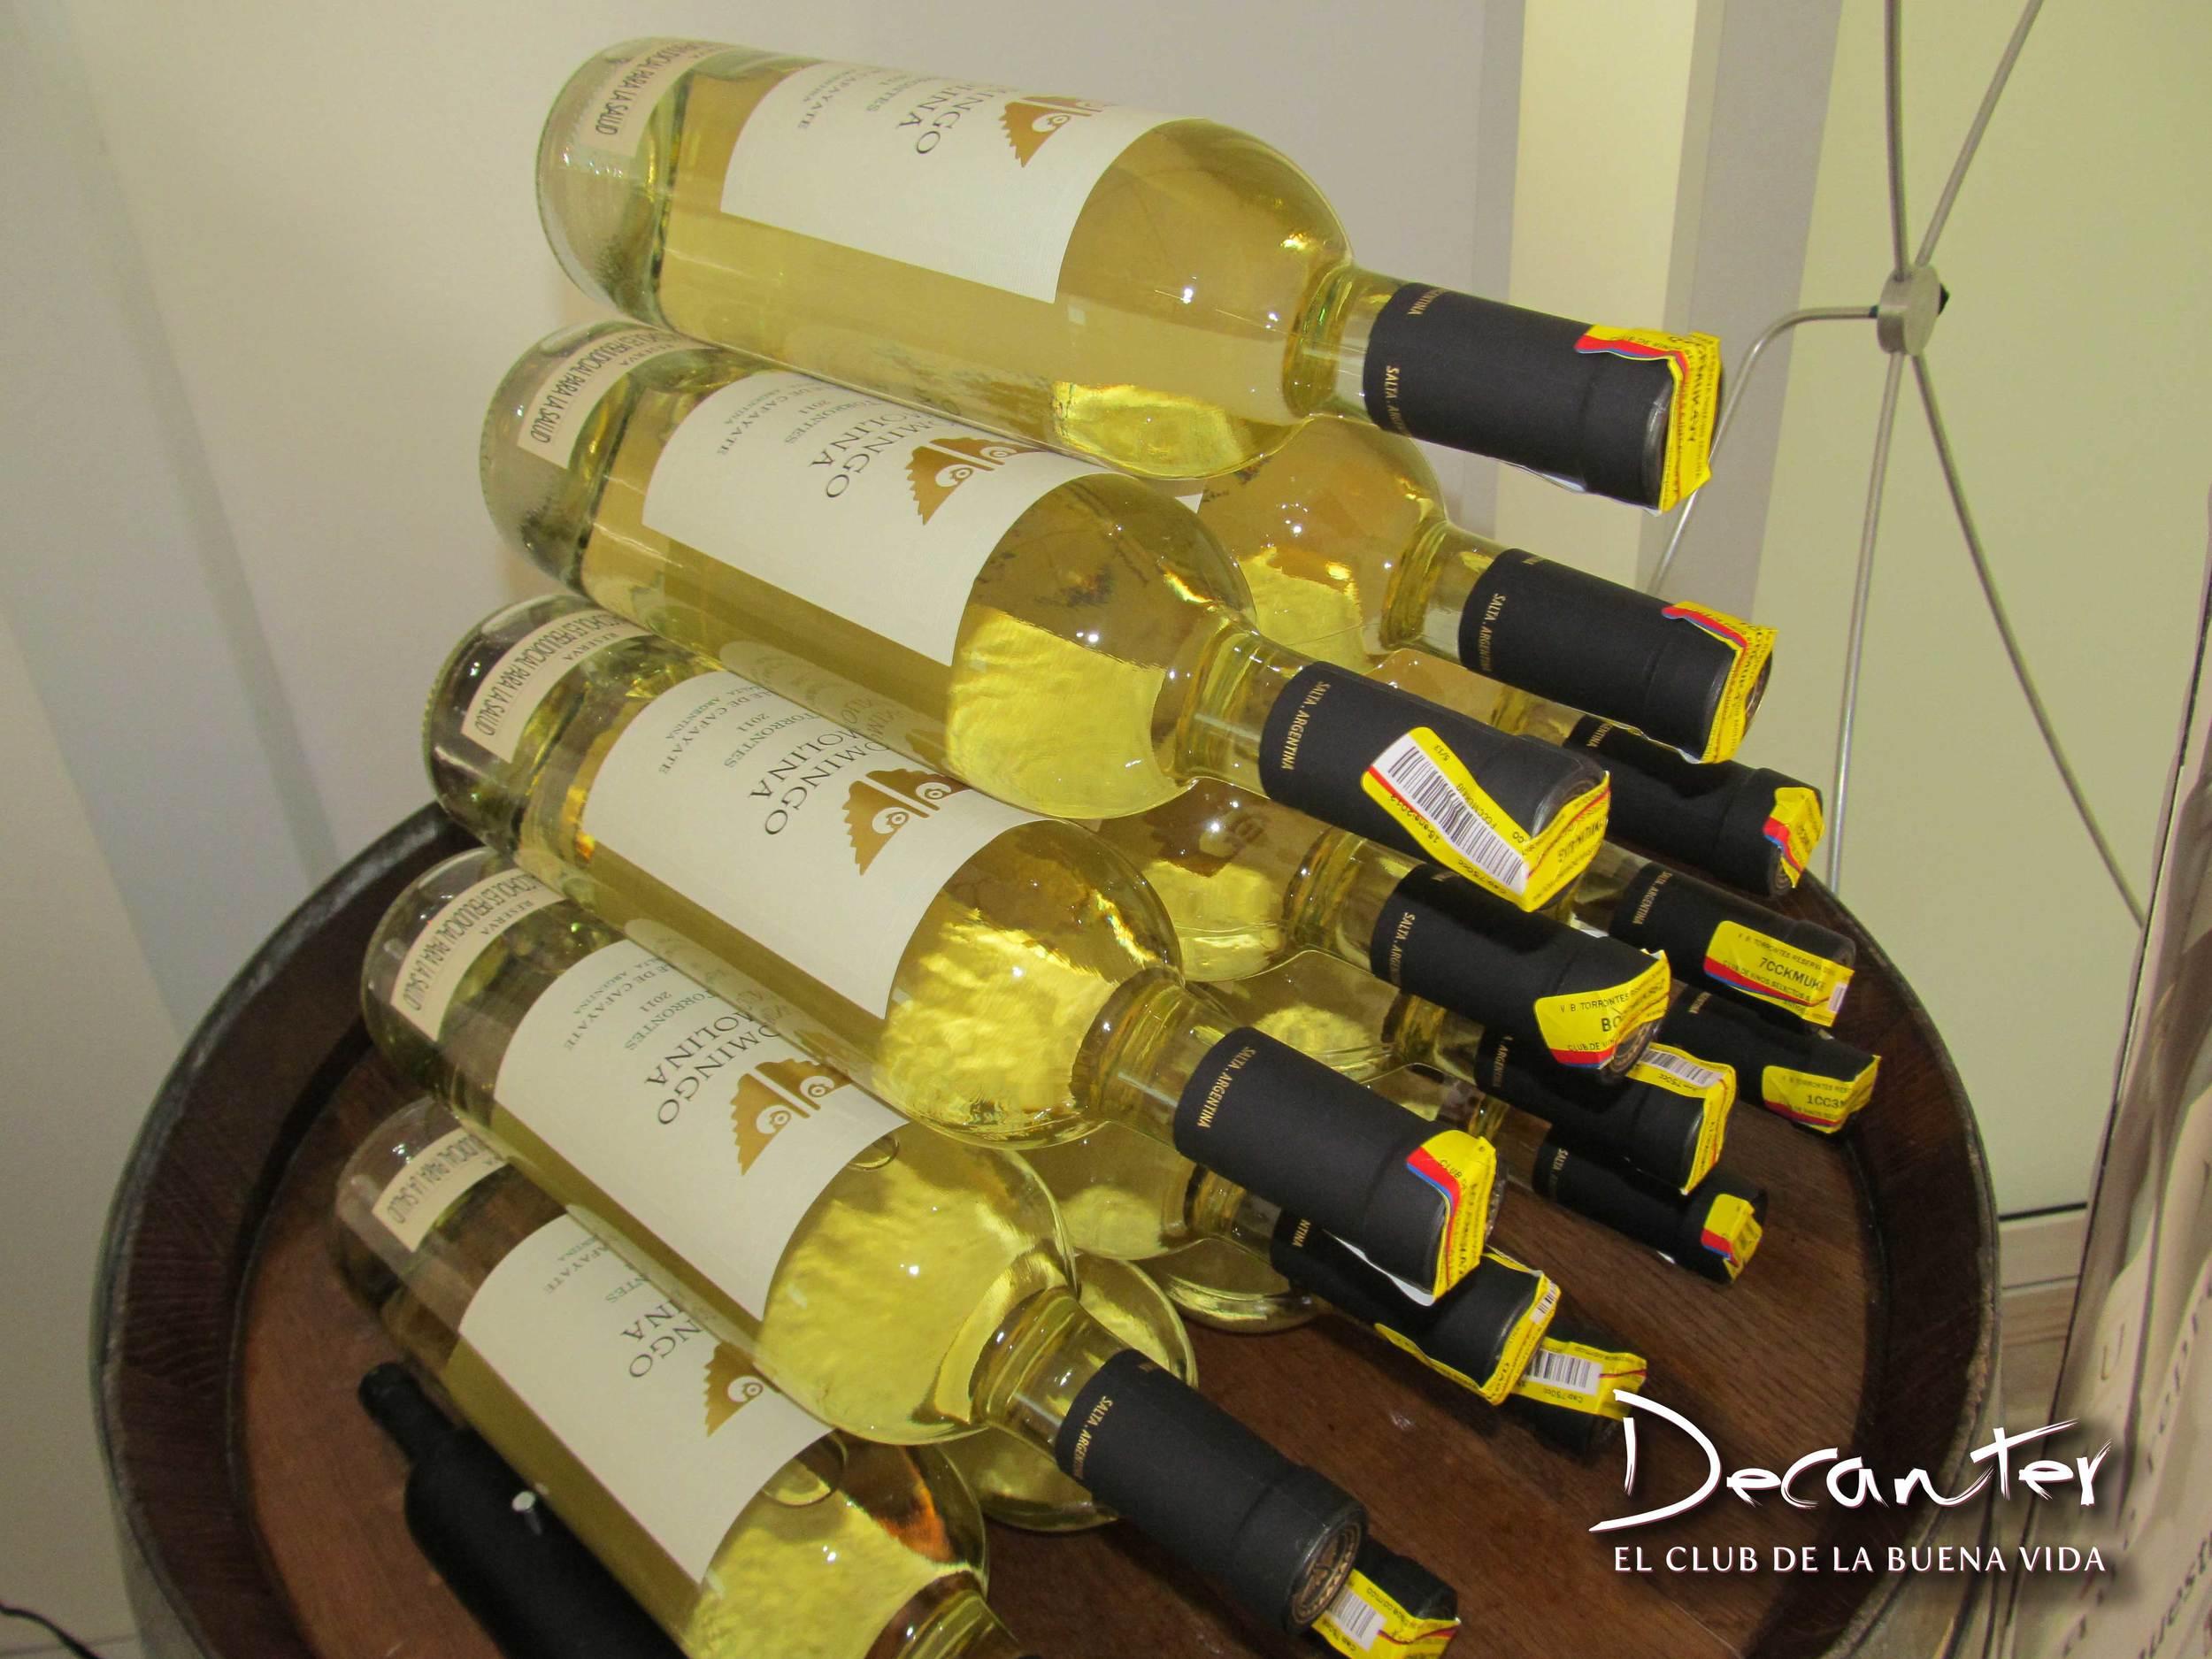 El vino torrontés es uno de los más característicos de la zona de Salta, Argentina, una cepa que da origen a vinos de gran potencia aromática a frutas tropicales y color dorado intenso, además de muy refrescantes.